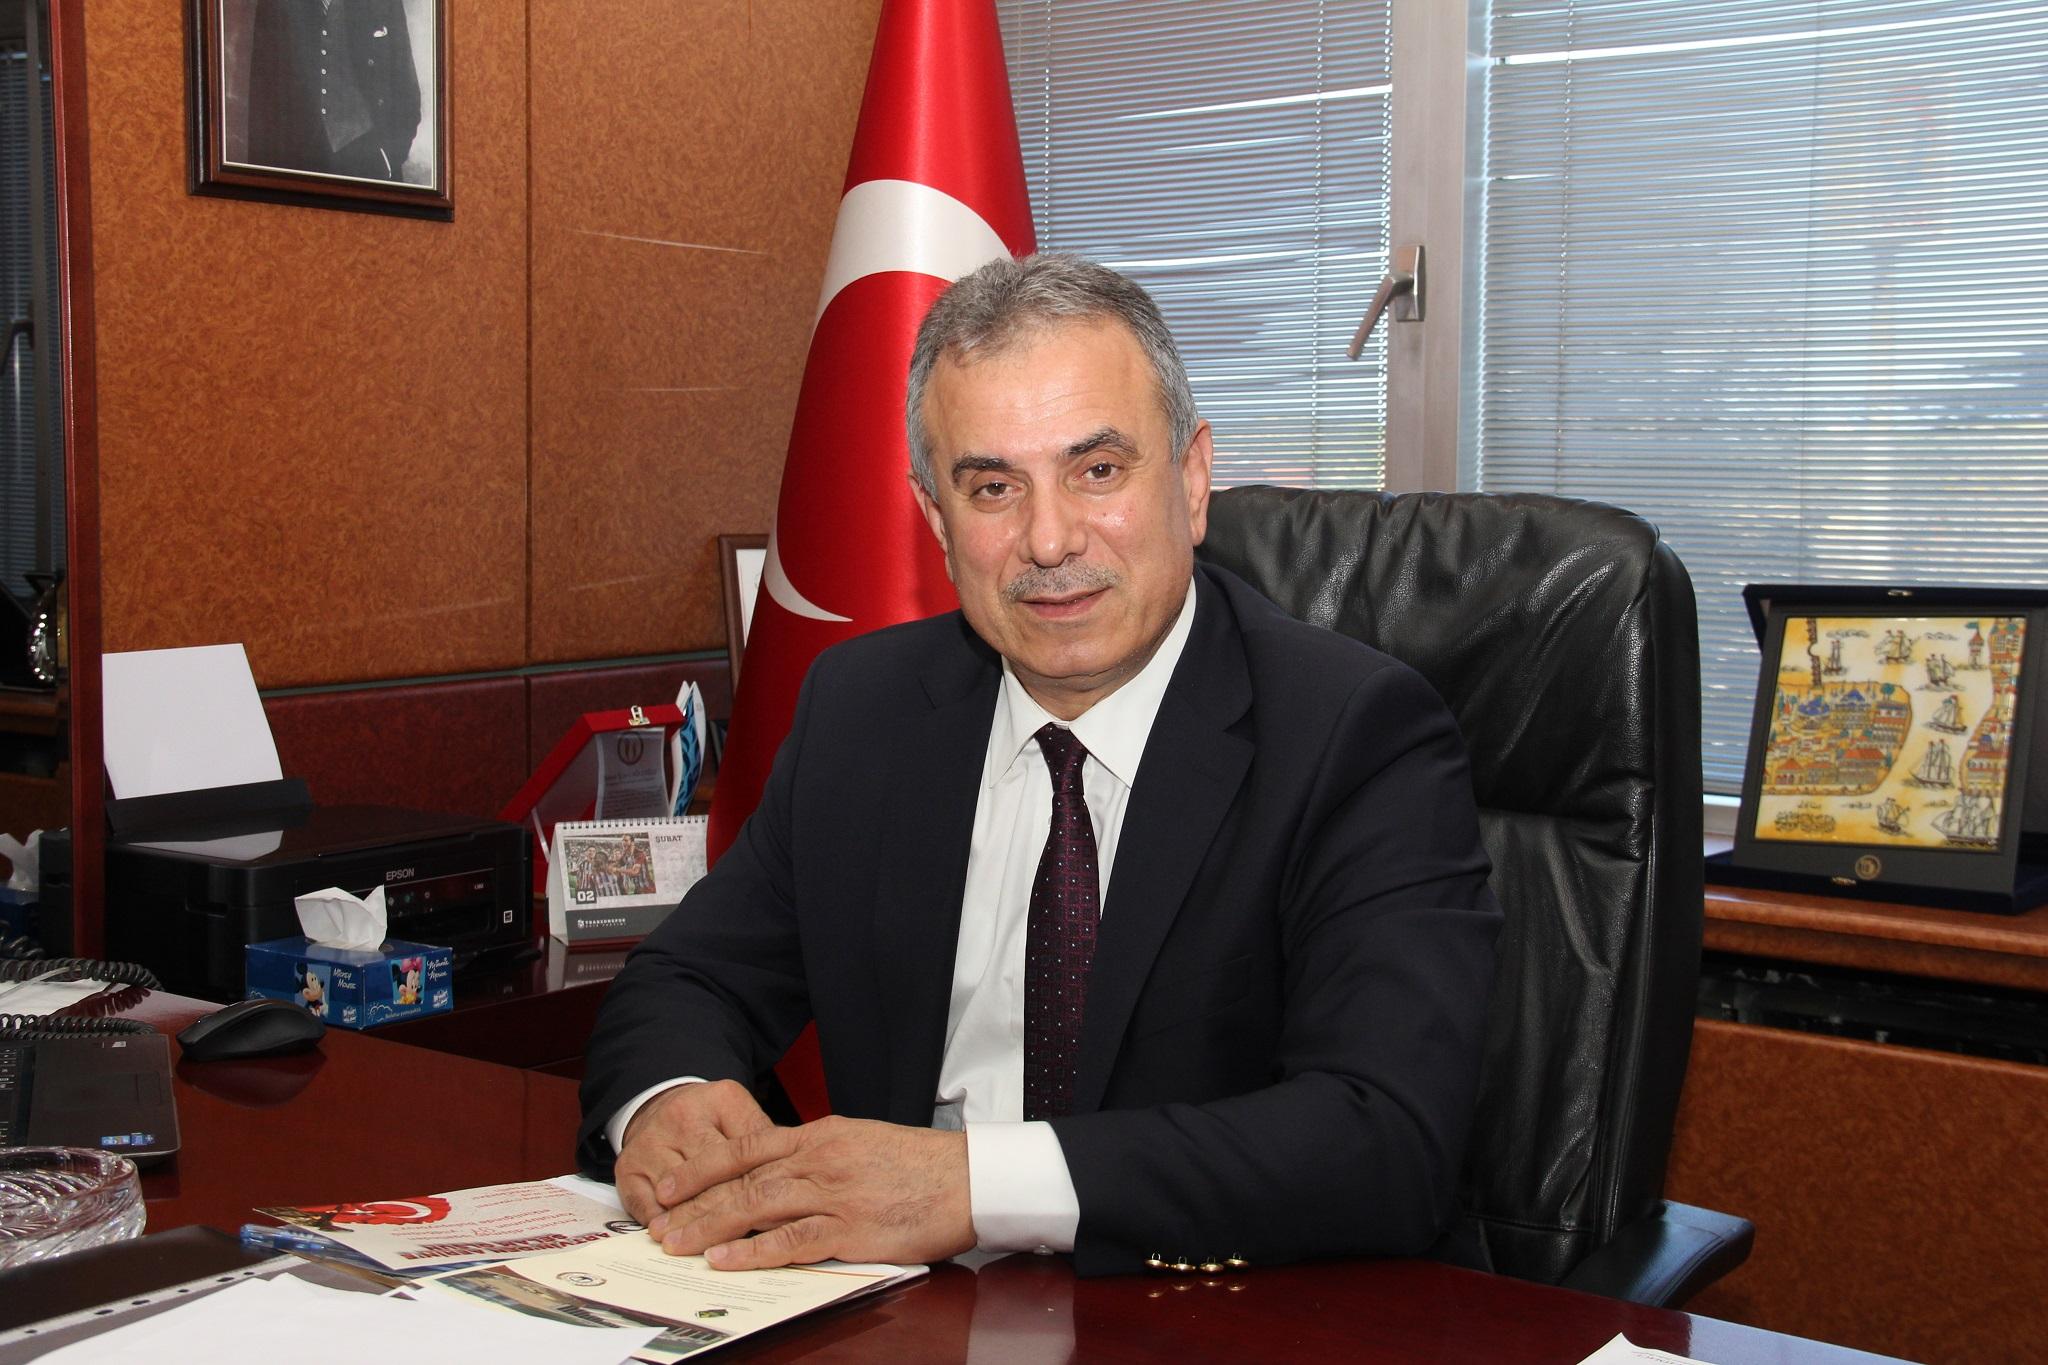 Başkan Ergan'dan Atatürk'ün Trabzon'a ilk gelişinin 97'inci yıldönümü mesajı